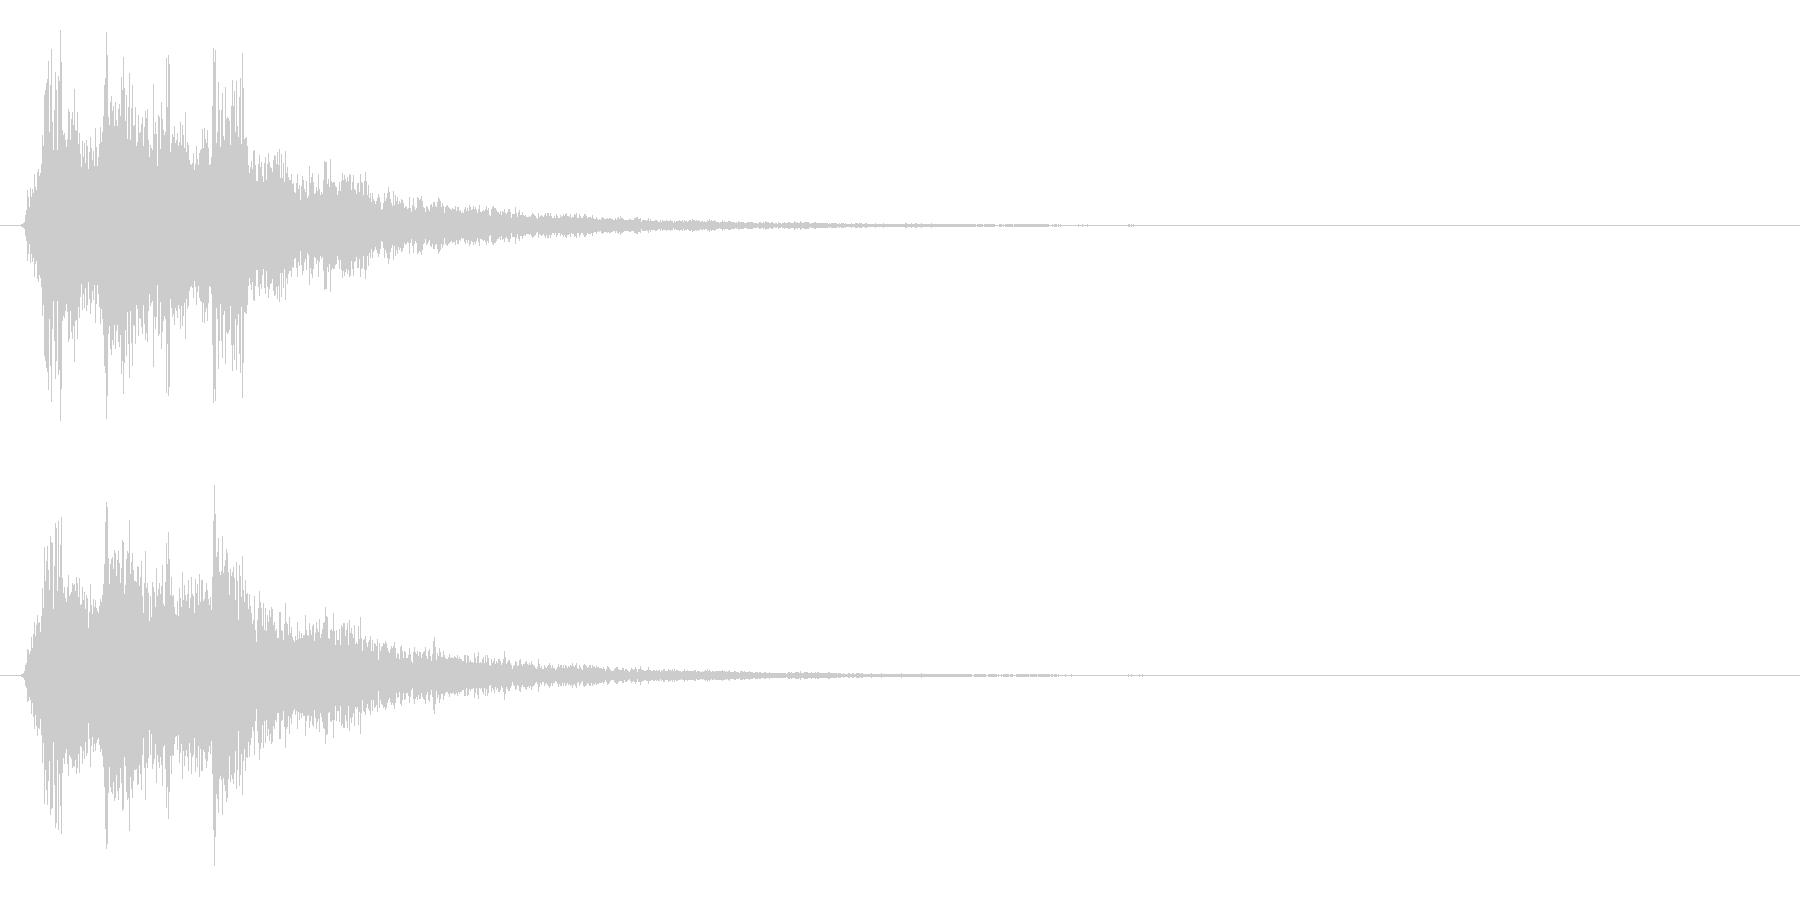 シャーン(鈴、決定、ピッチ高め)の未再生の波形